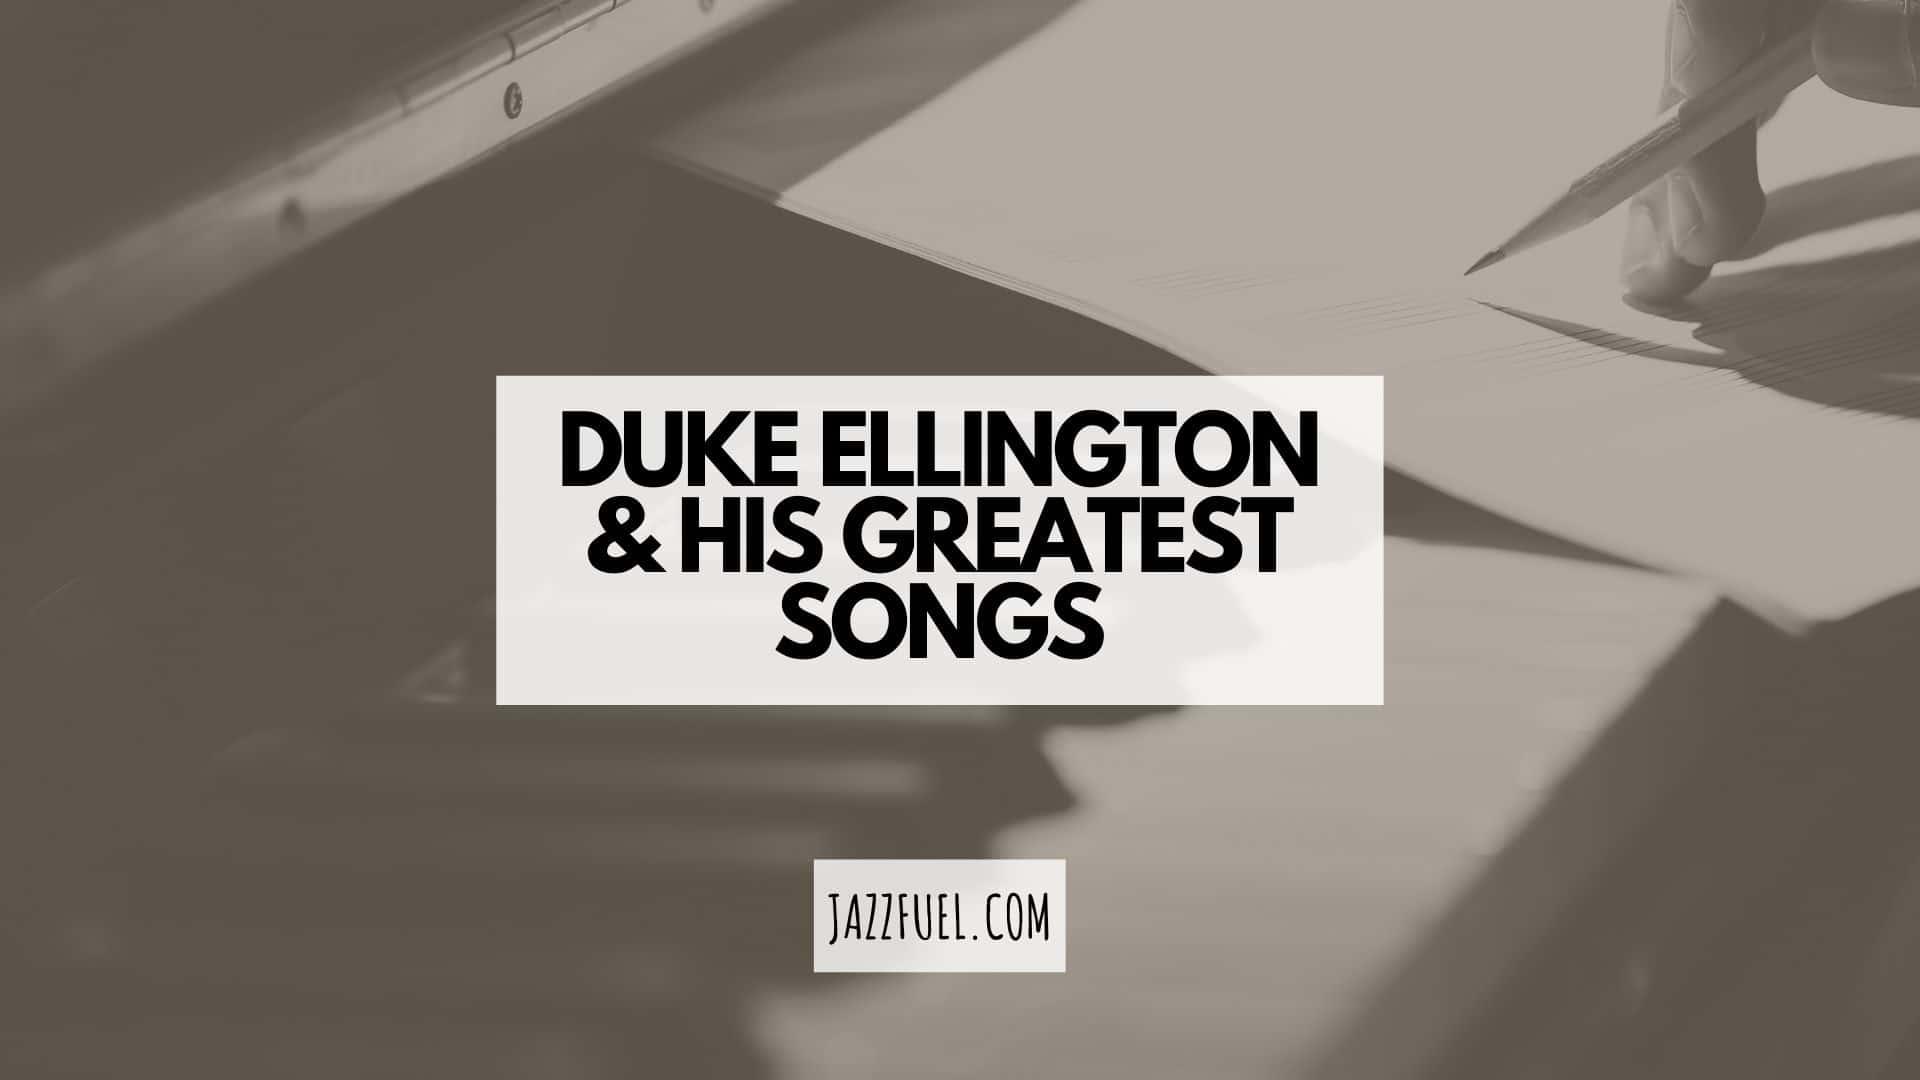 Best Duke Ellington songs